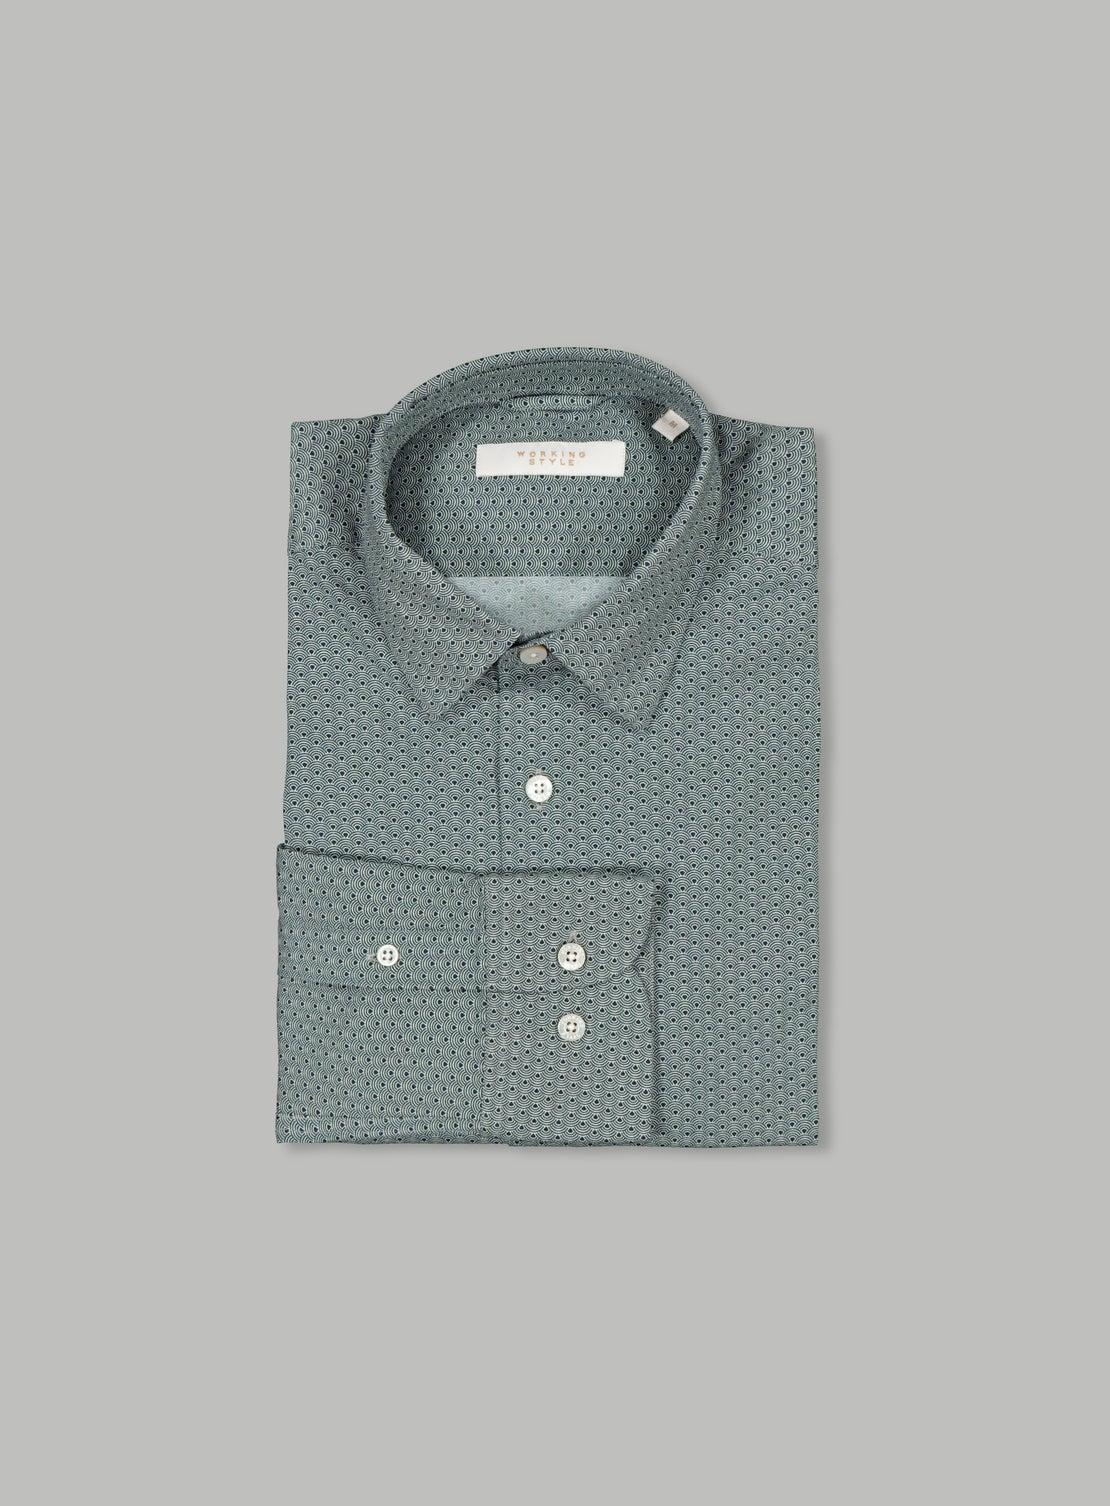 Deco Stretch Shirt